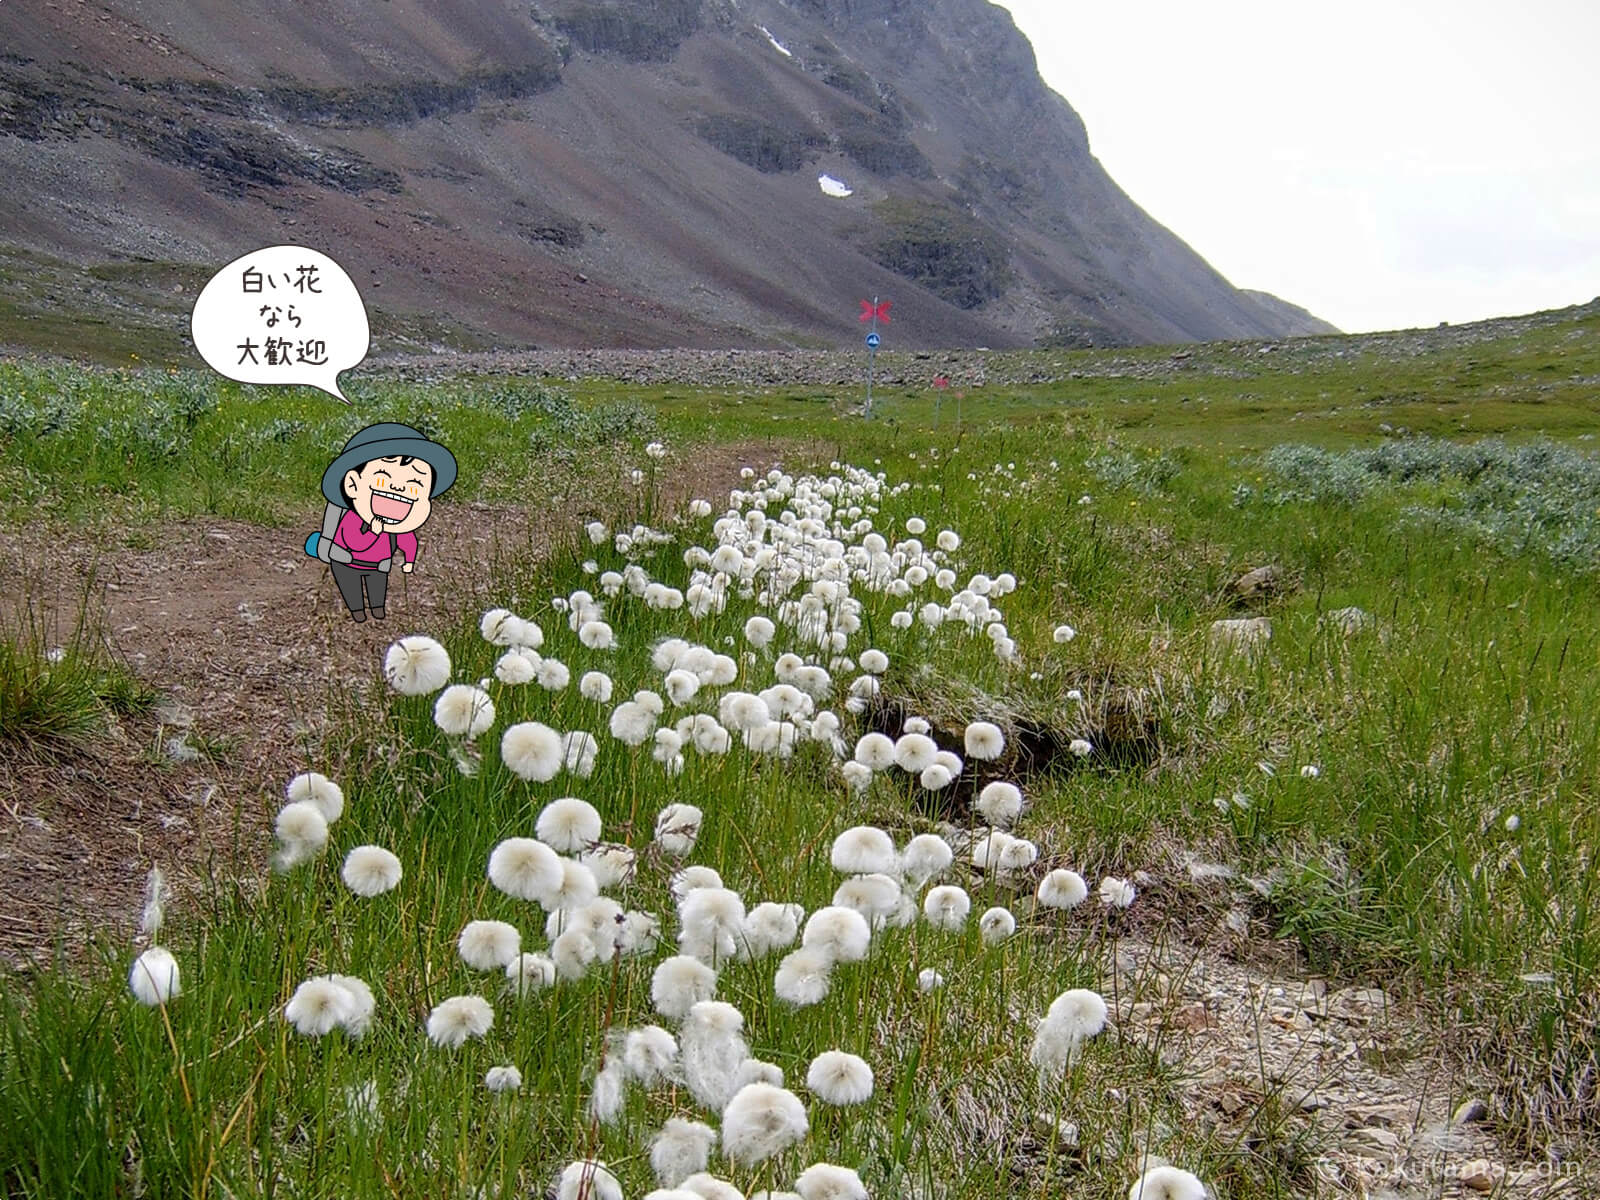 登山用語お花摘みにまつわる写真